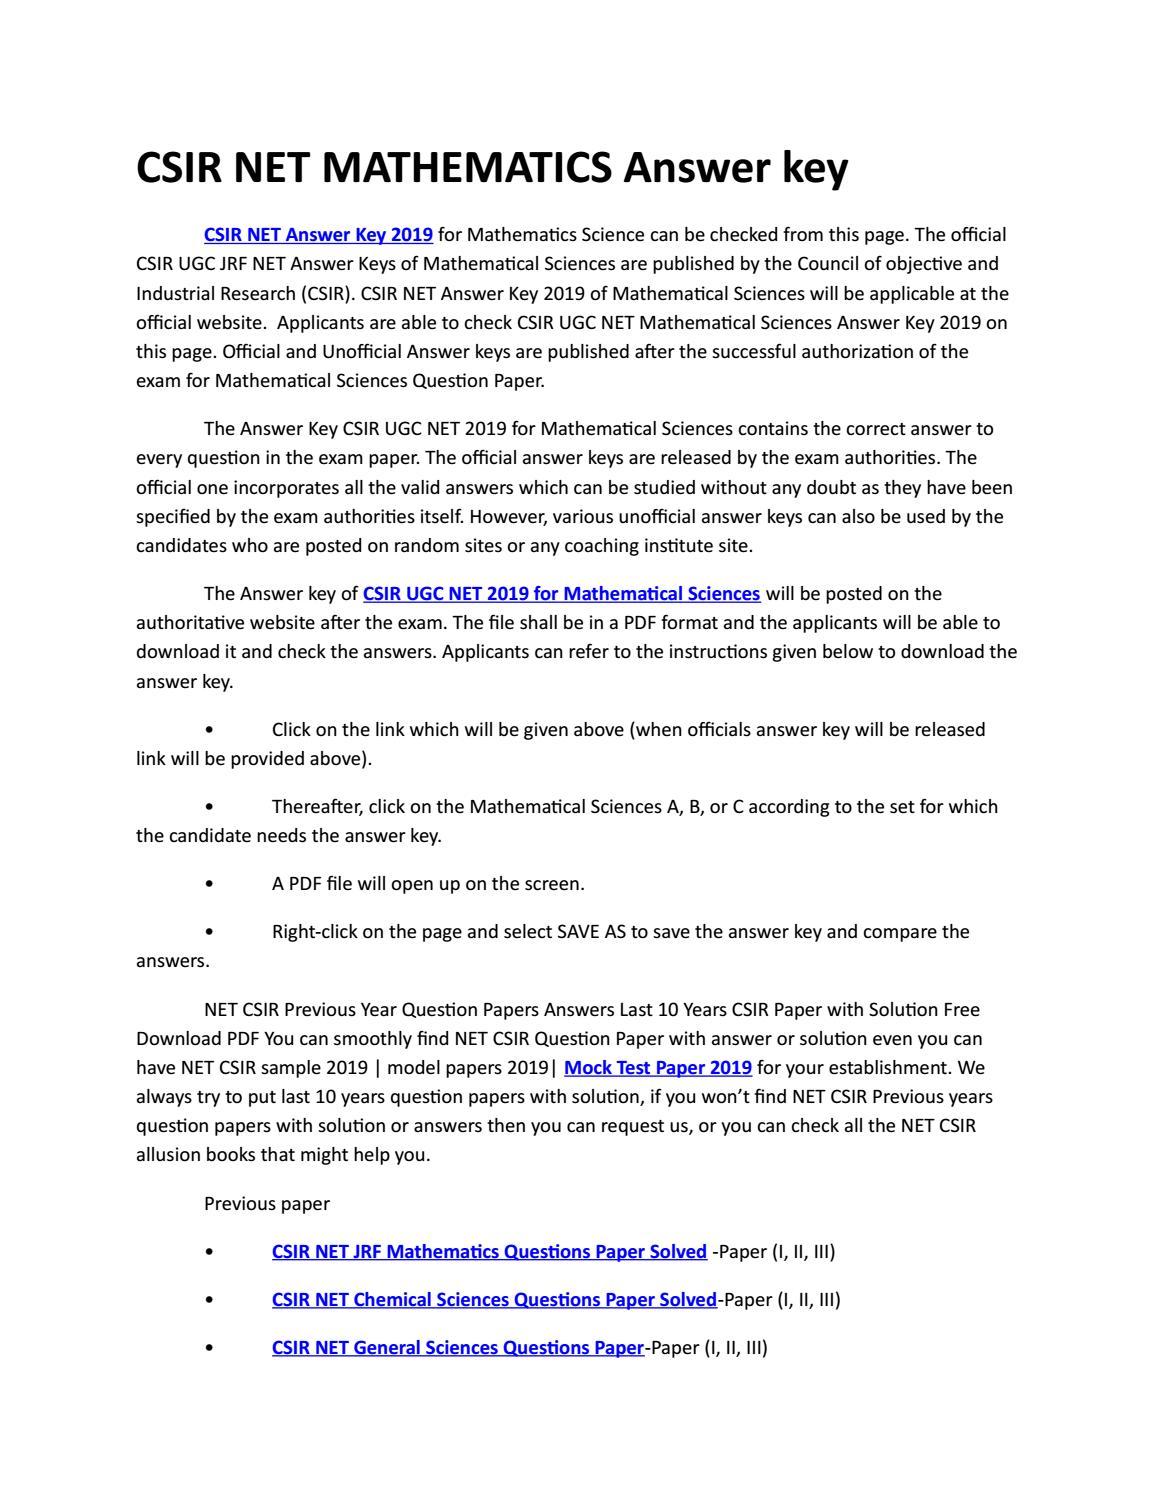 CSIR NET MATHEMATICS Answer key by gurukulum institute - issuu